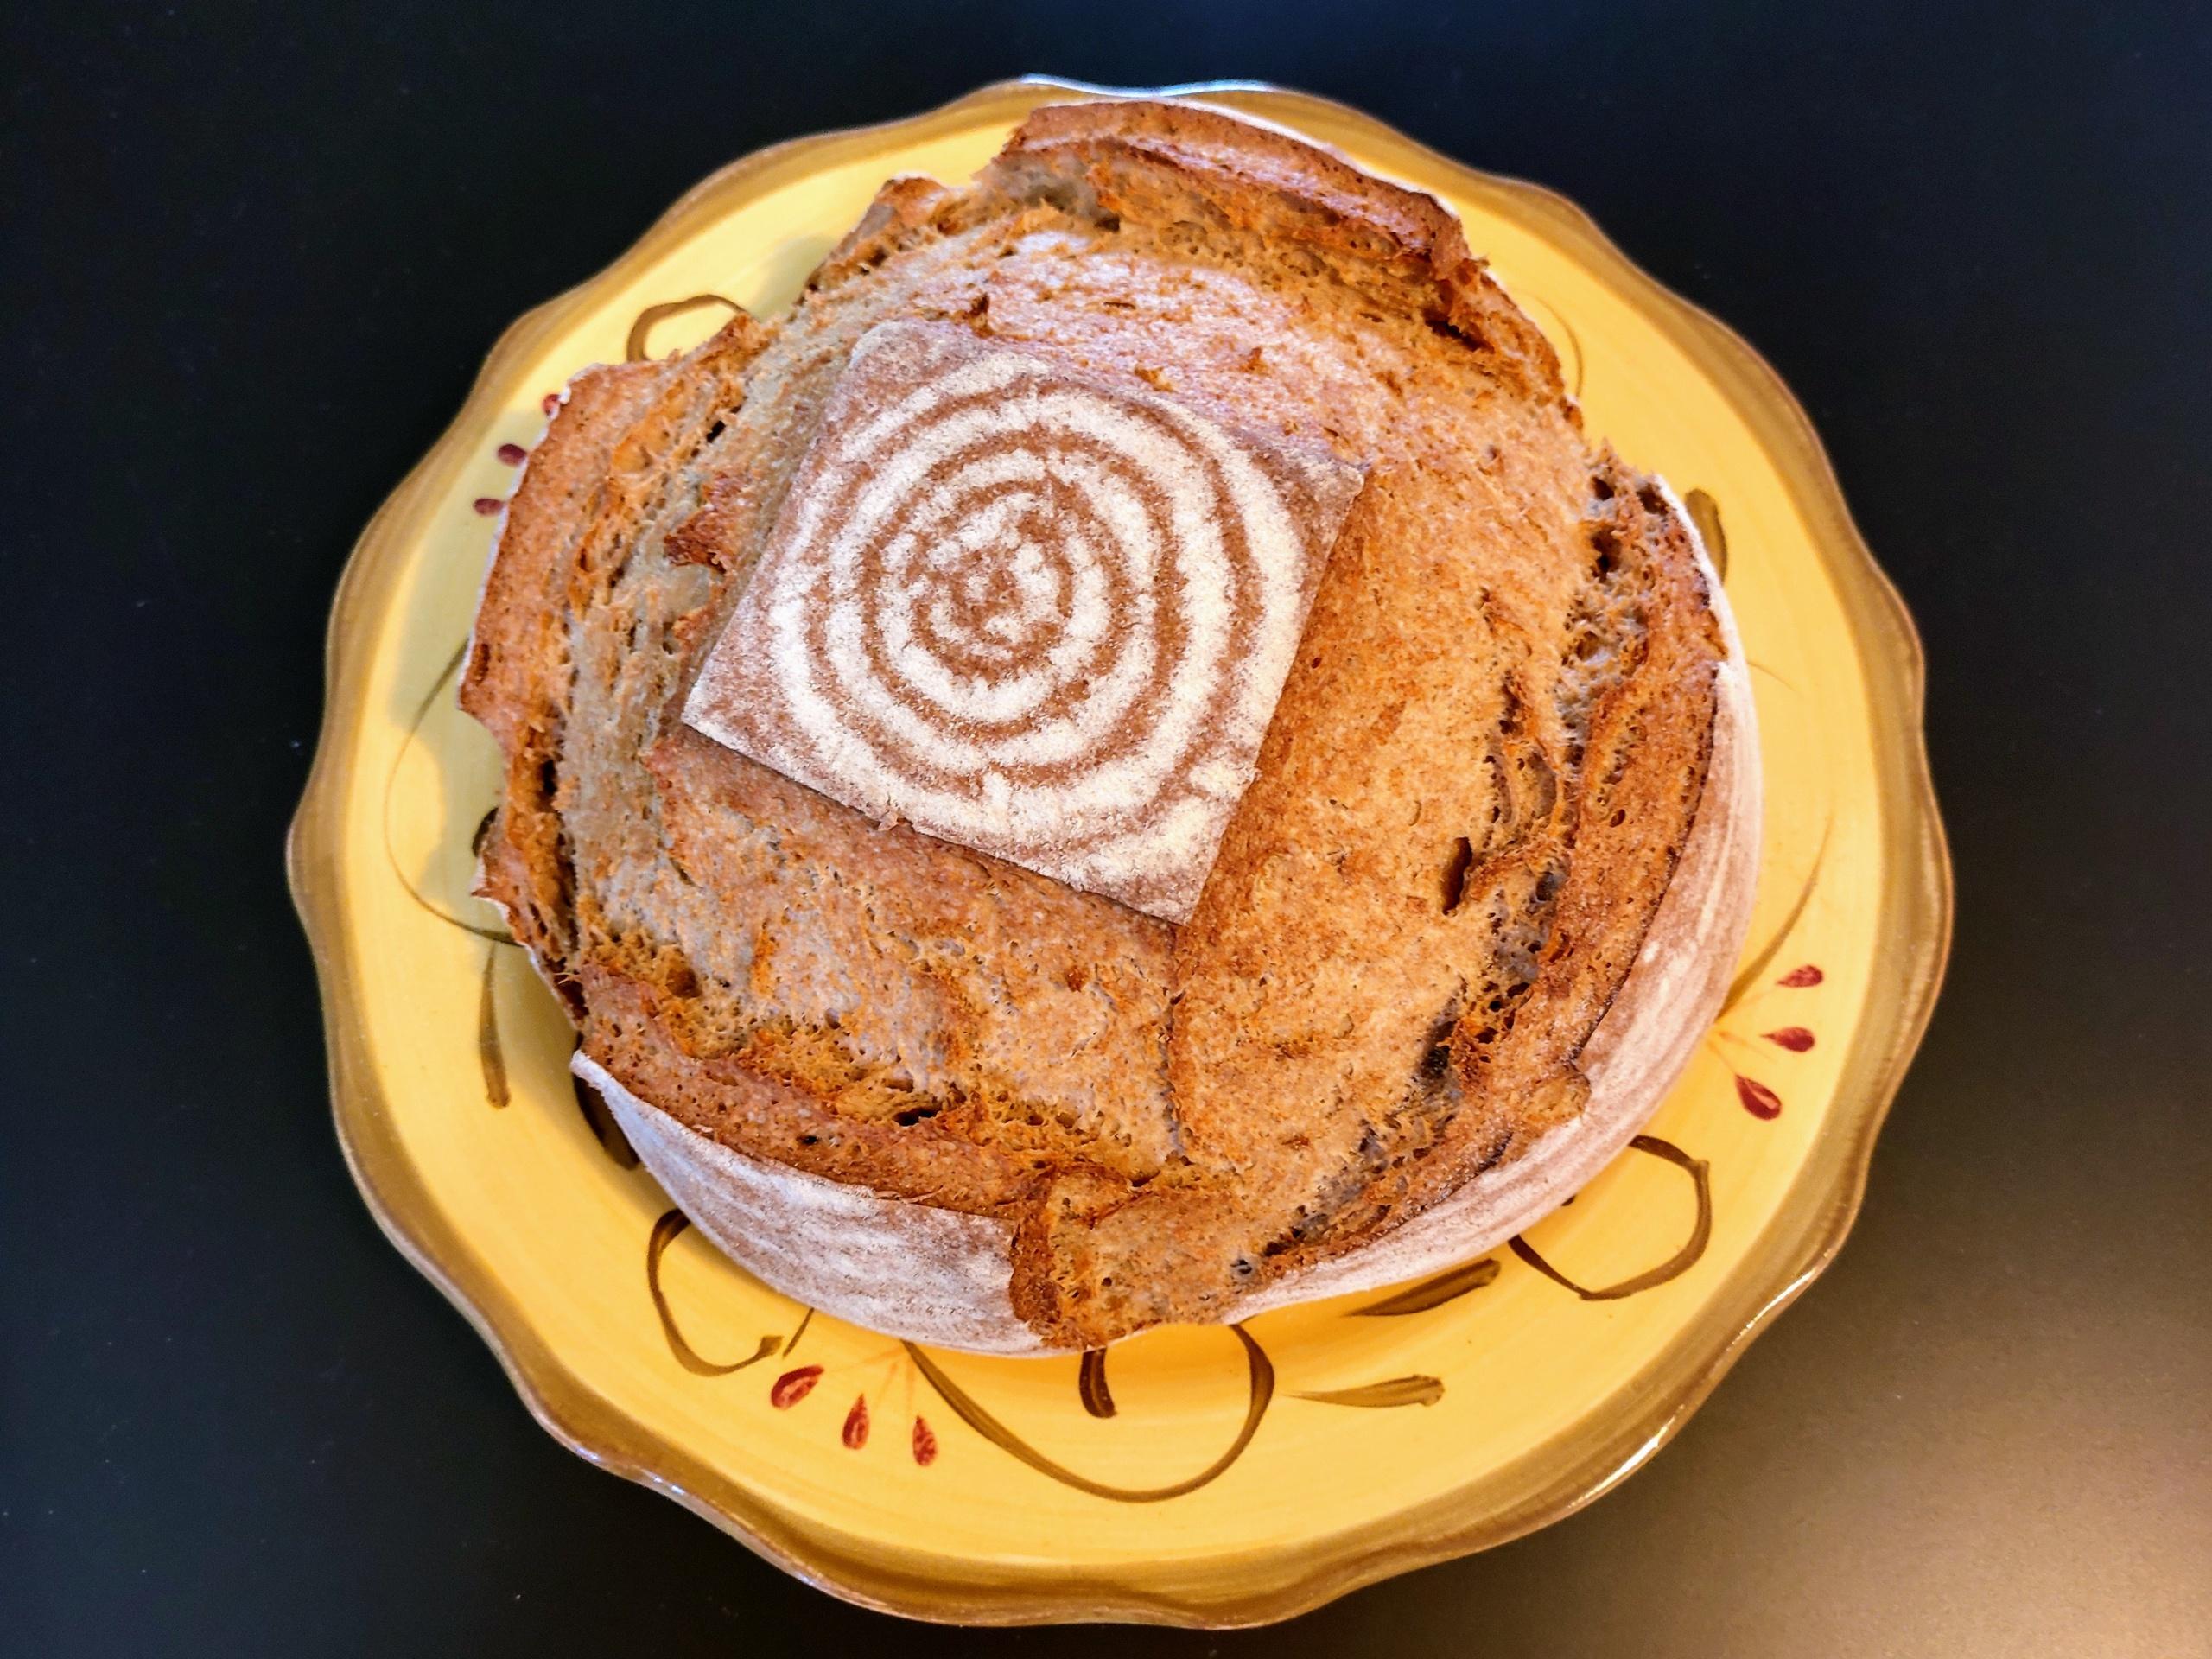 Pirov kruh od lažnog kiselog tijesta